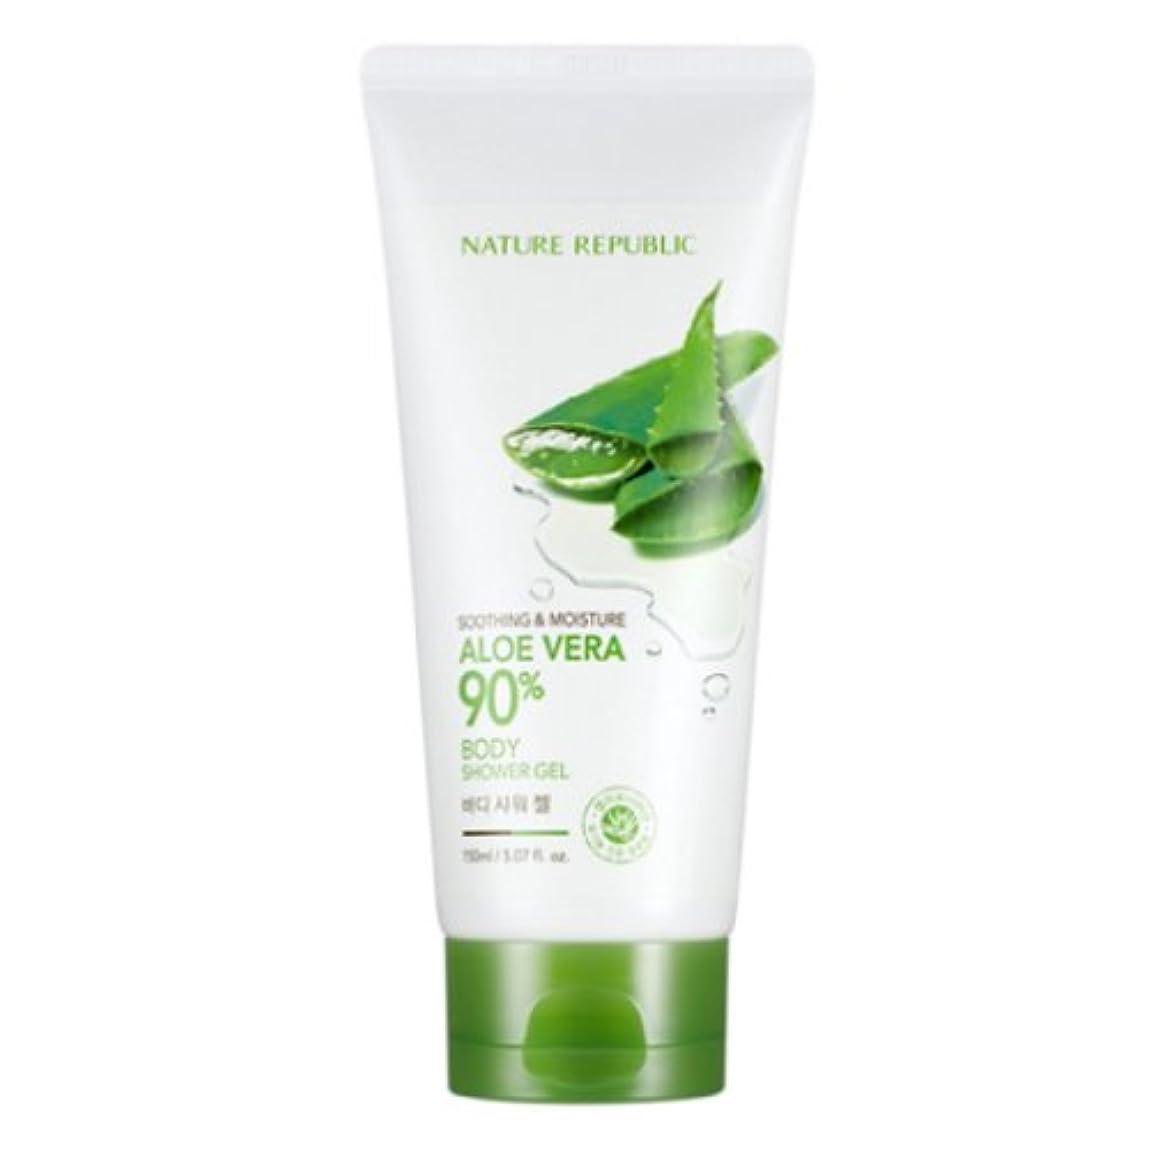 まつげ見かけ上複雑[ネイチャーリパブリック] Nature republicスージングアンドモイスチャーアロエベラ90%ボディシャワージェル海外直送品(Soothing And Moisture Aloe Vera90%Body Shower...